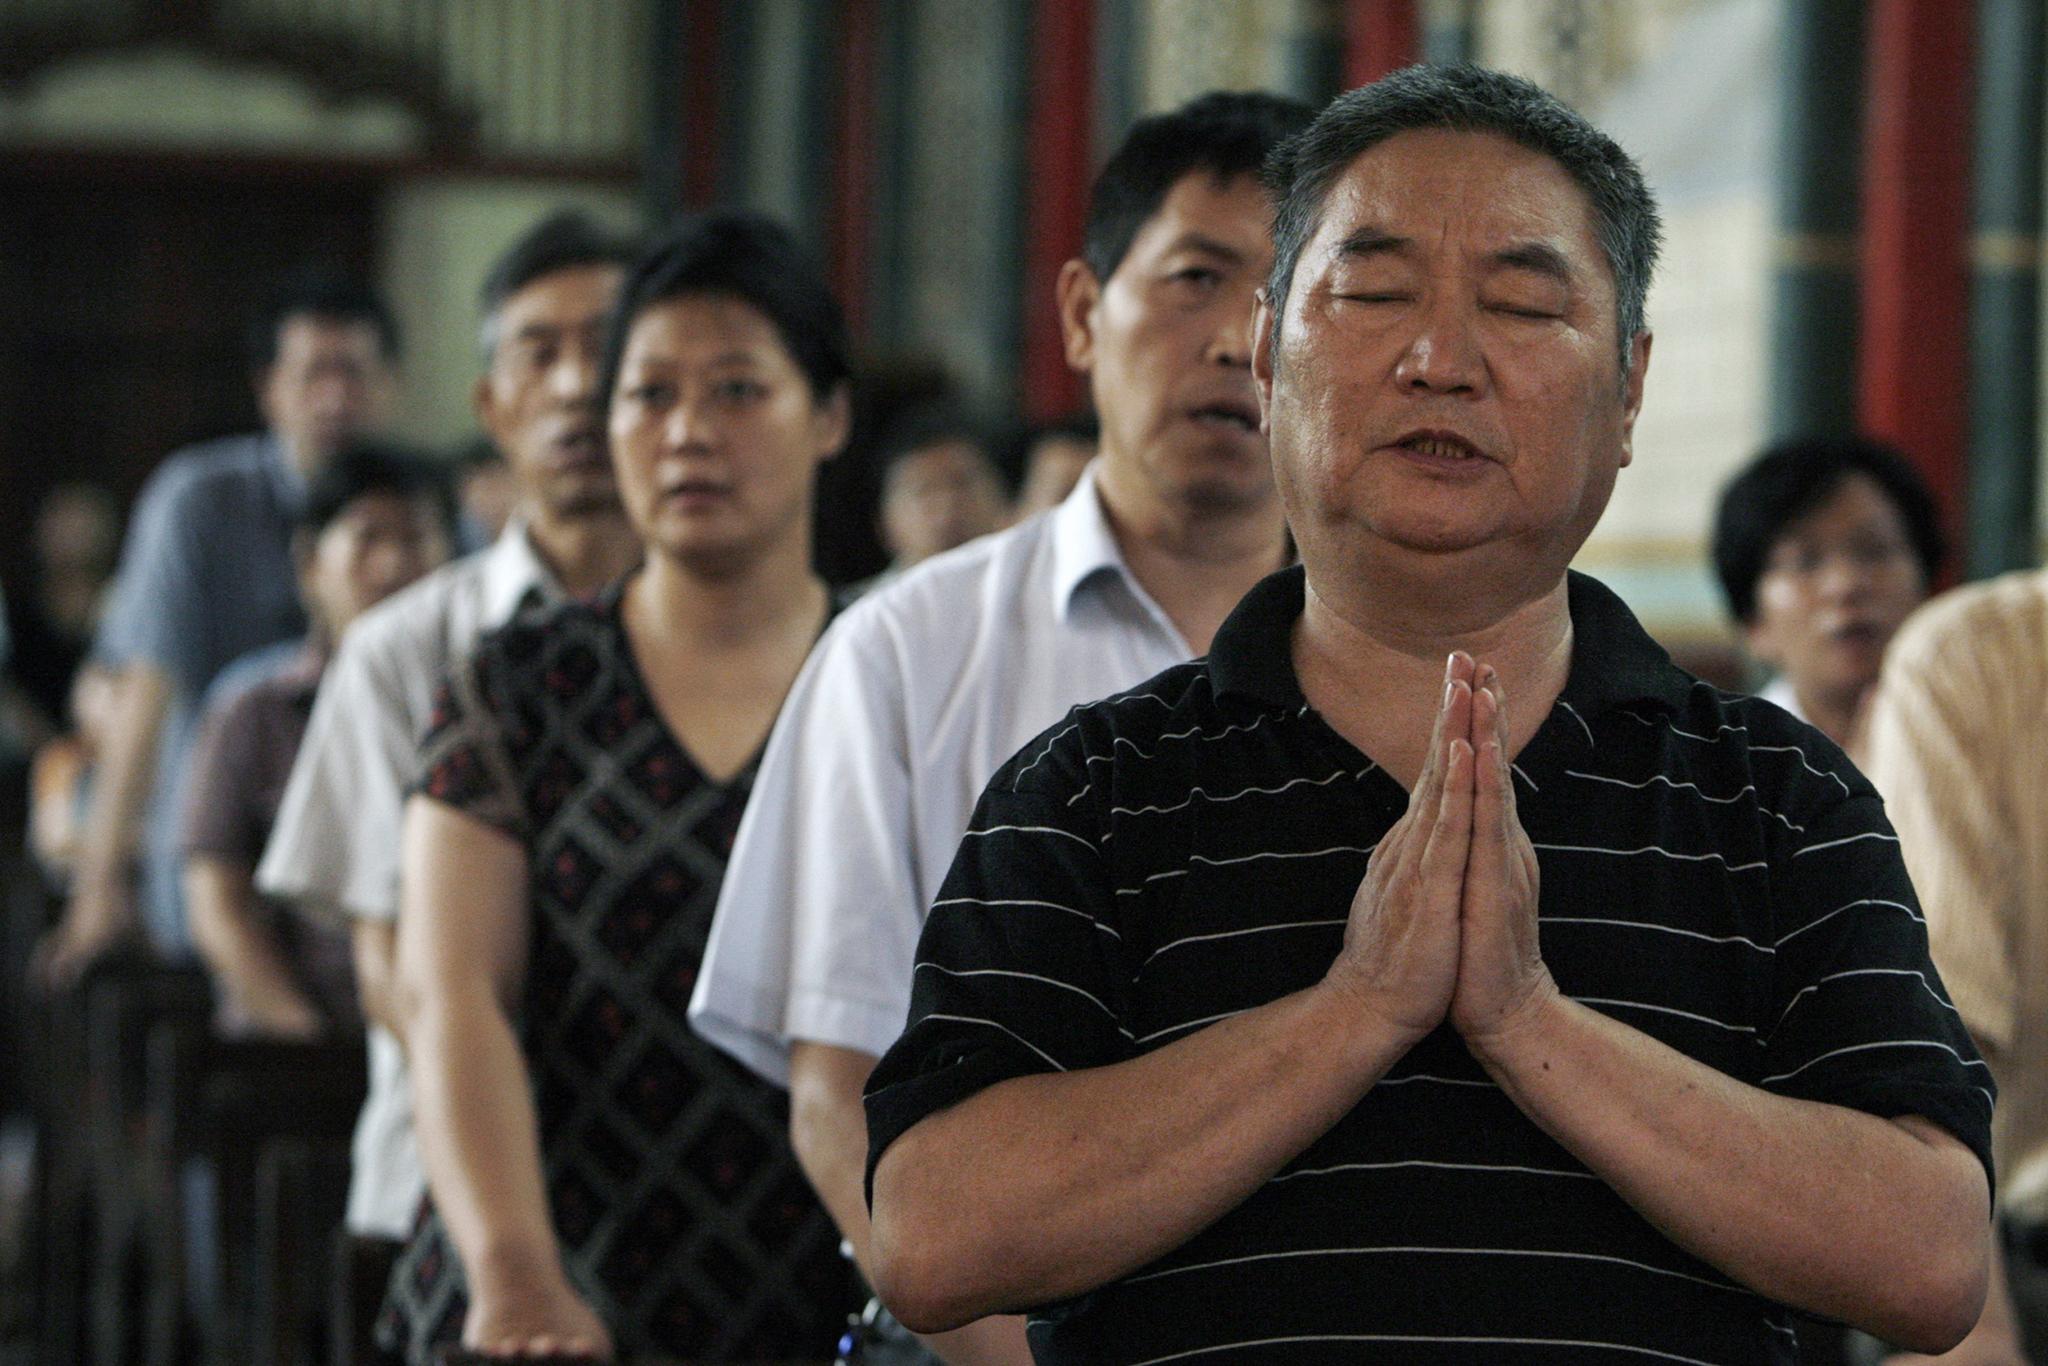 Cristãos chineses assumem clandestinamente a fé